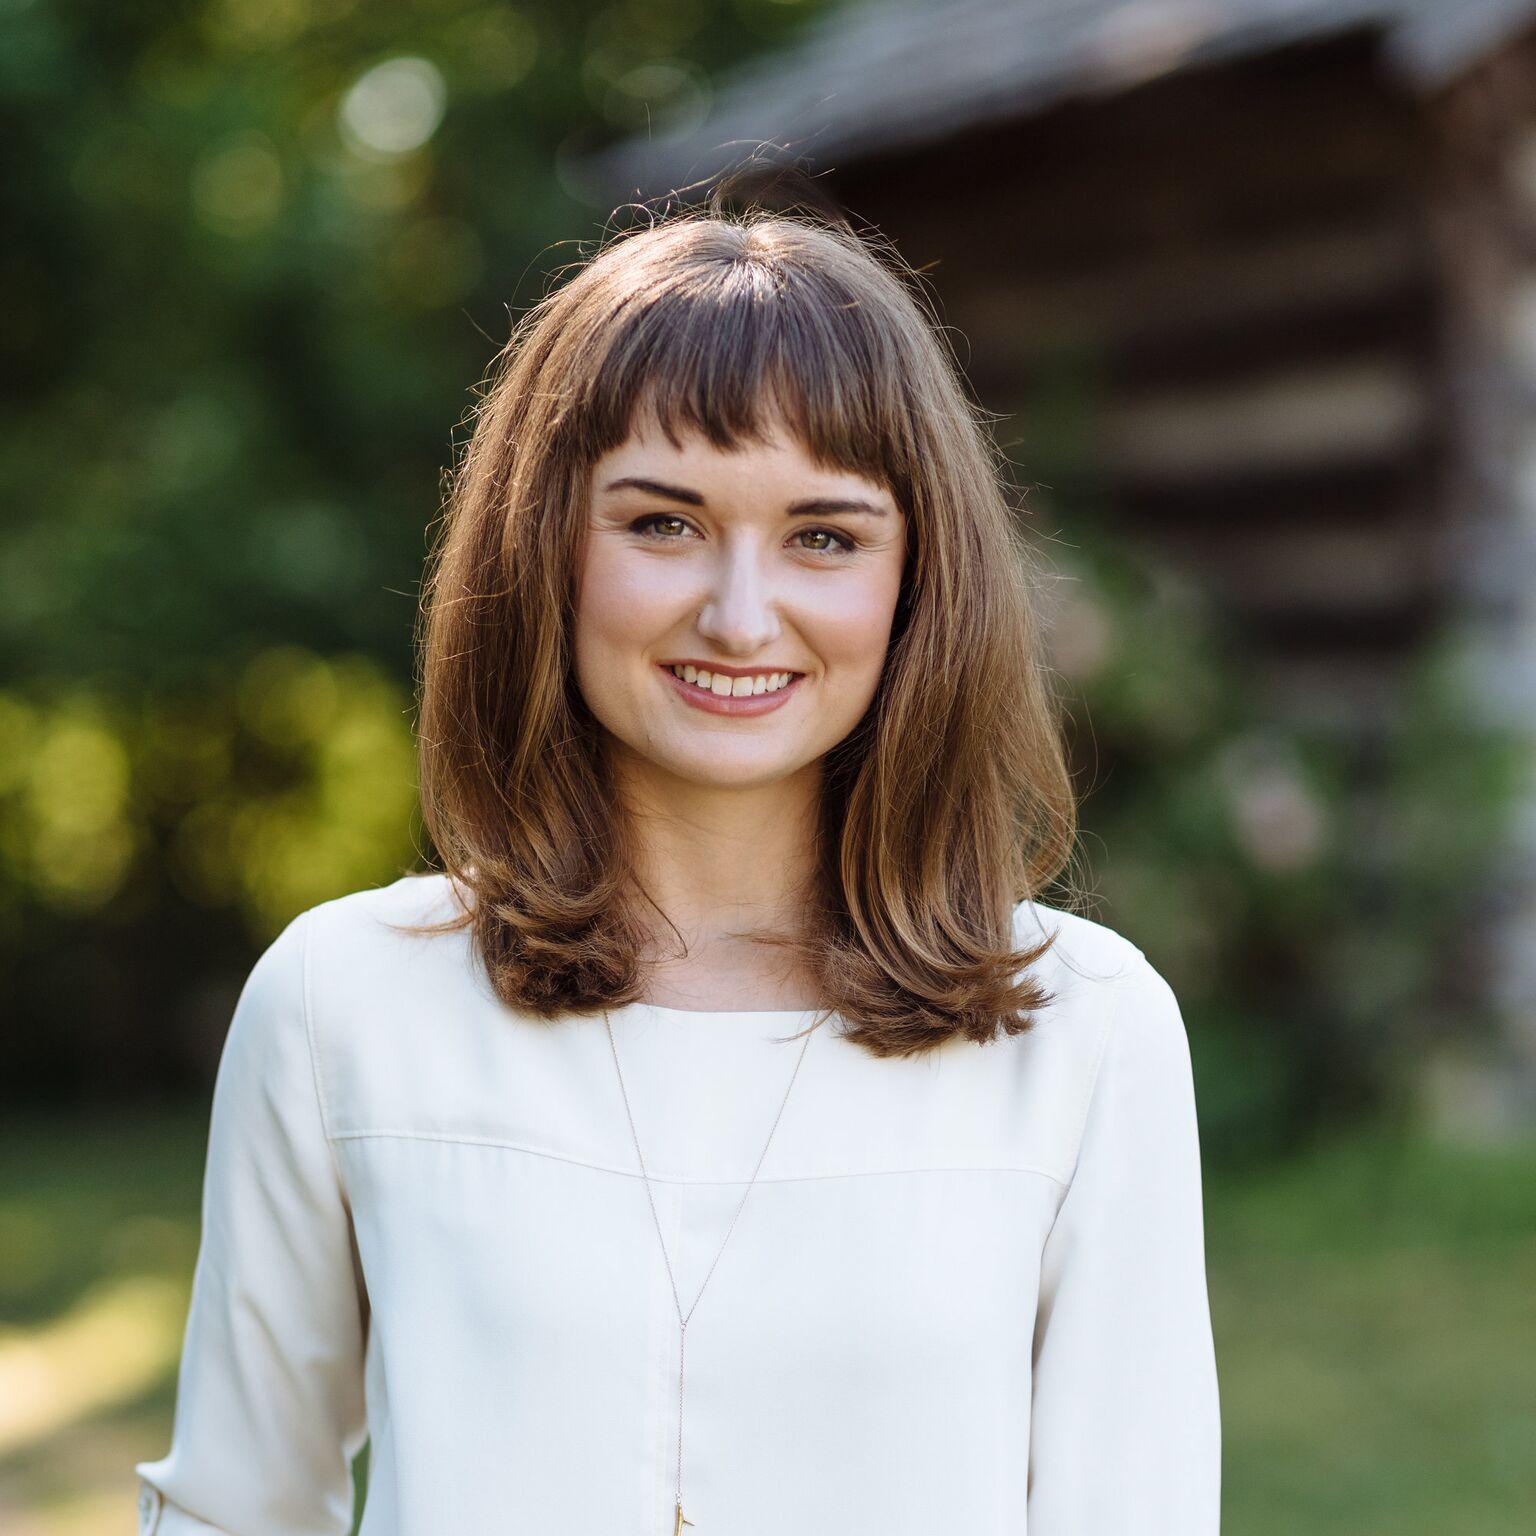 Allie Myszka